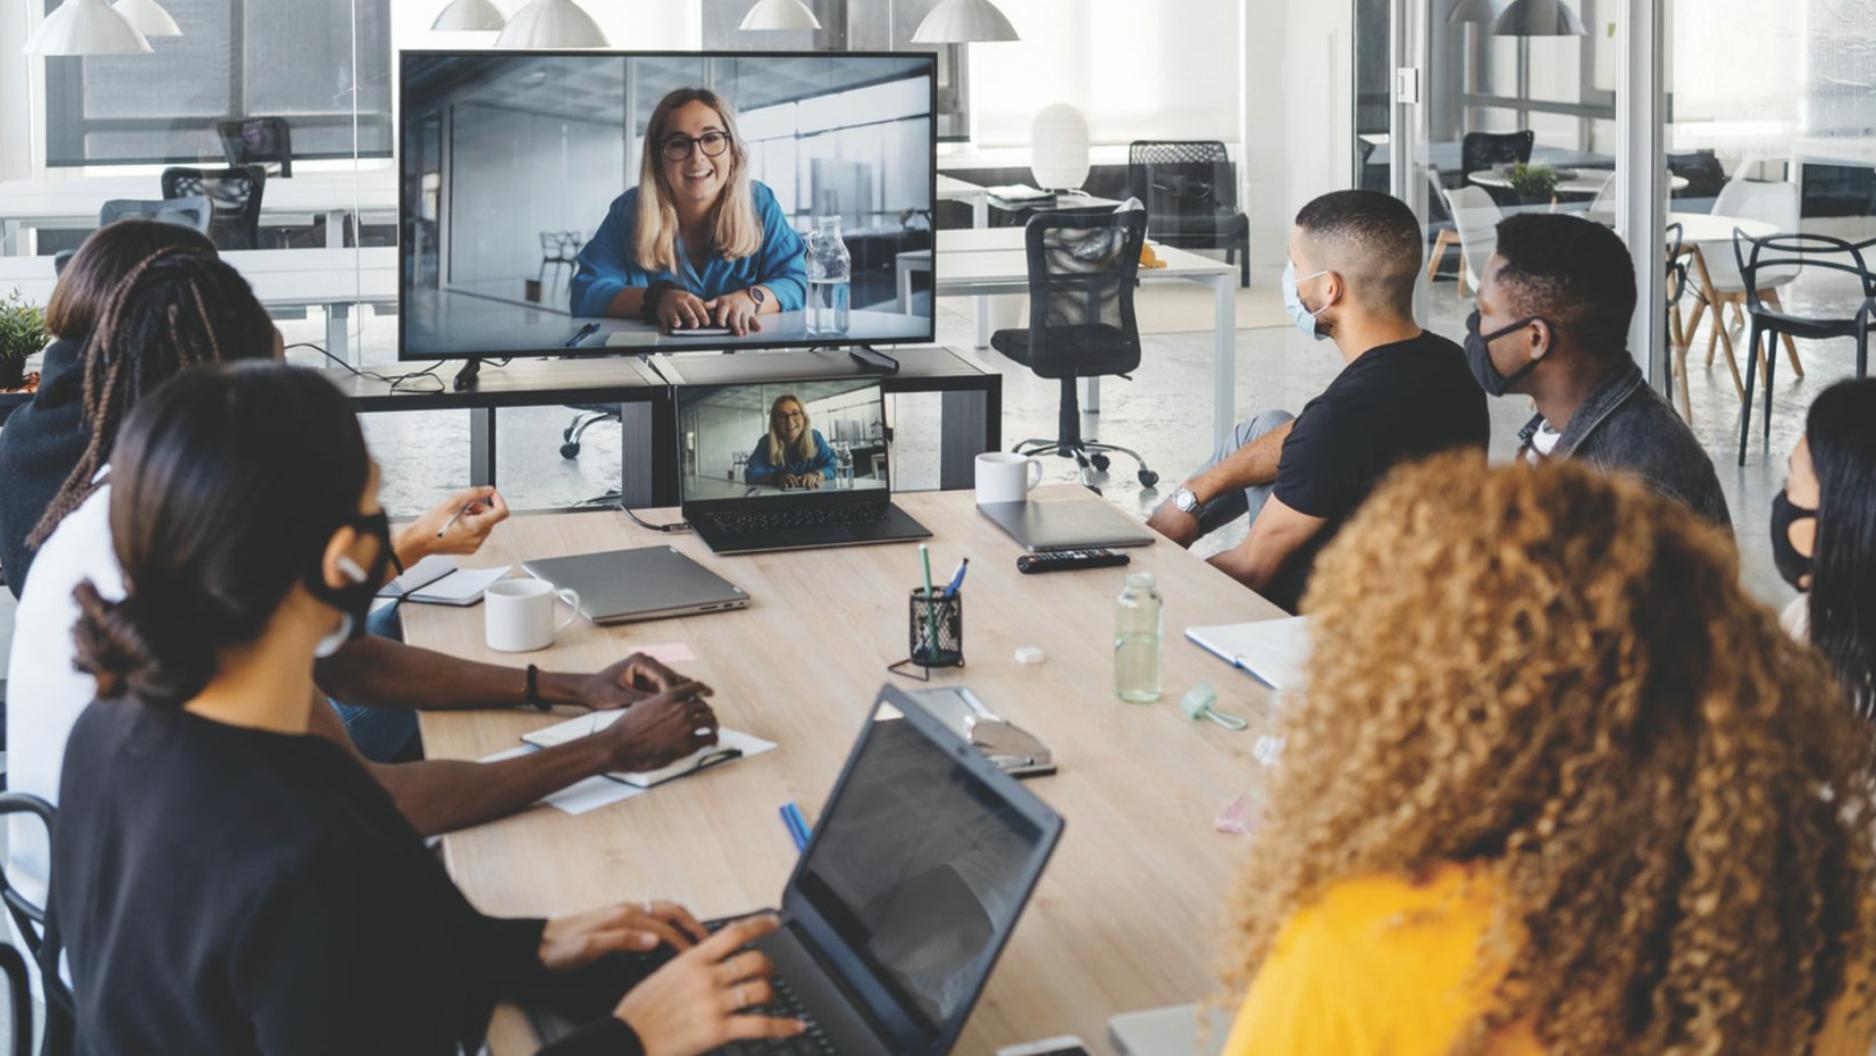 Hybrid work meeting